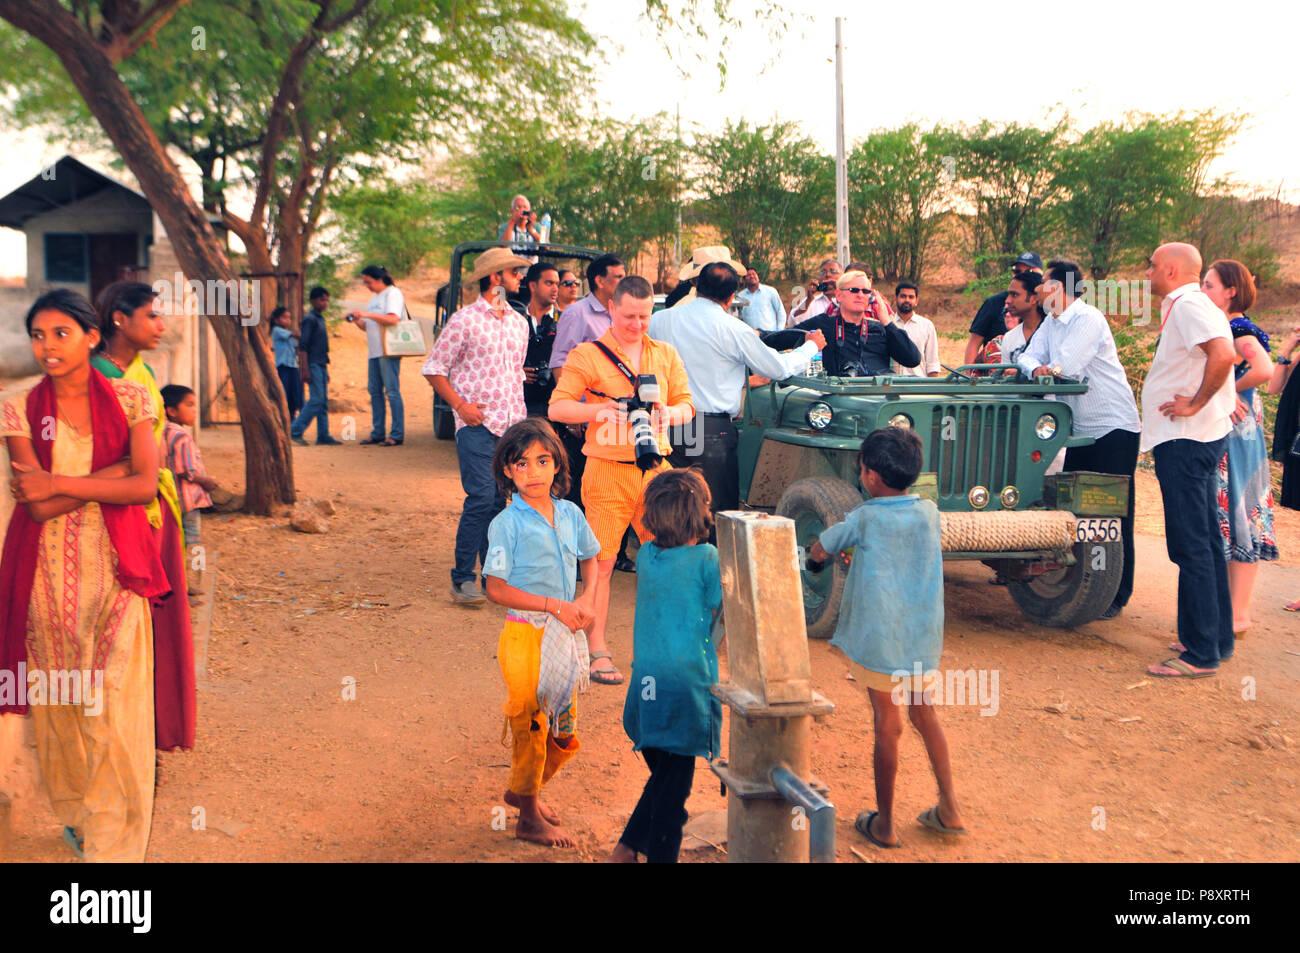 Gujarat: Tourist excursion to a farmer village near Poshina - Stock Image